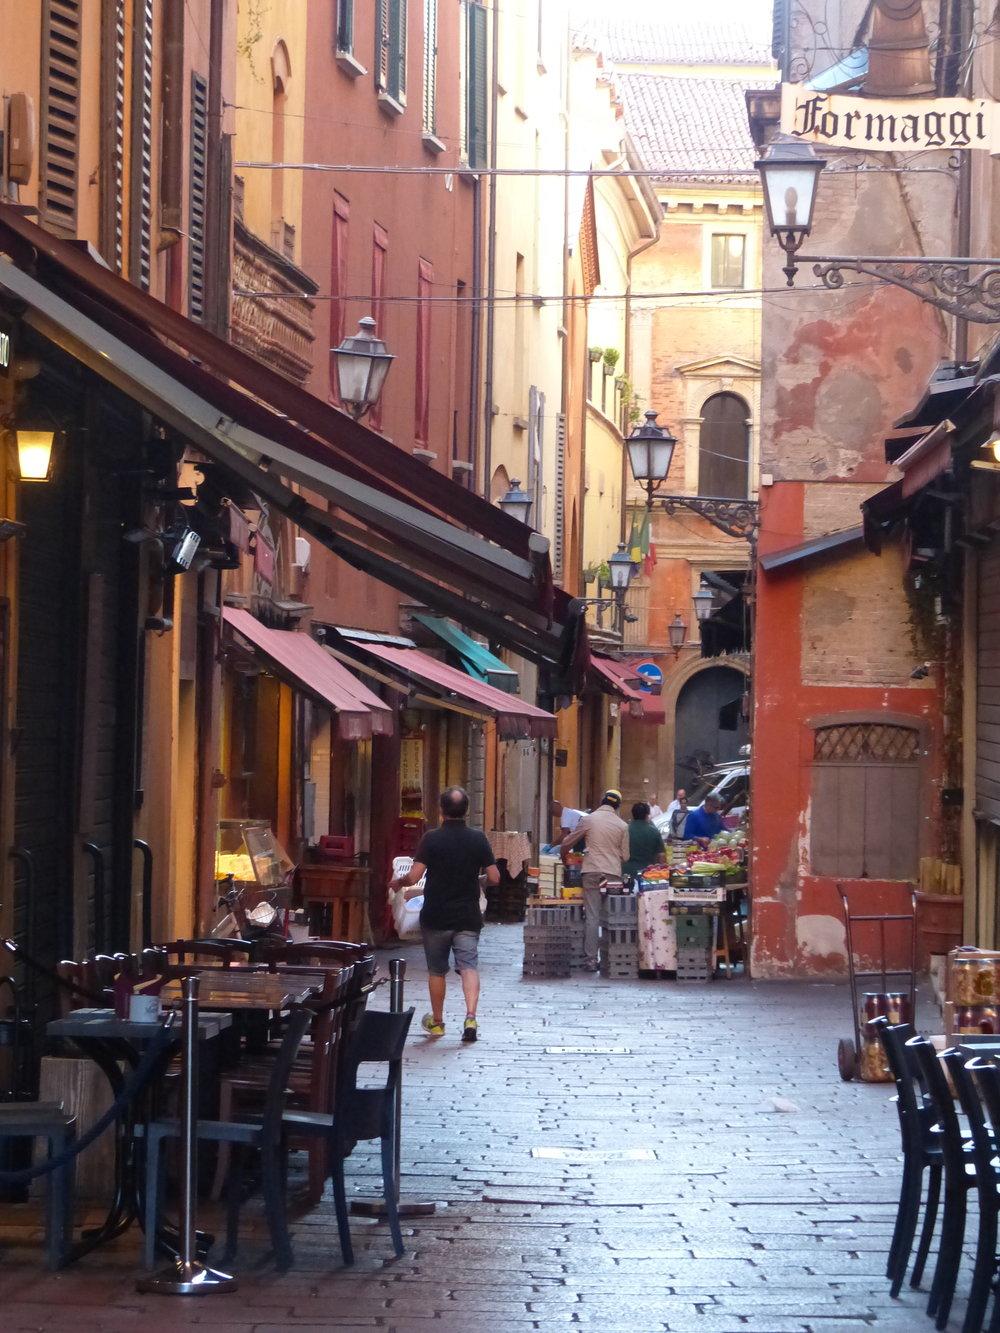 Quadrilatero district (market) in Bologna